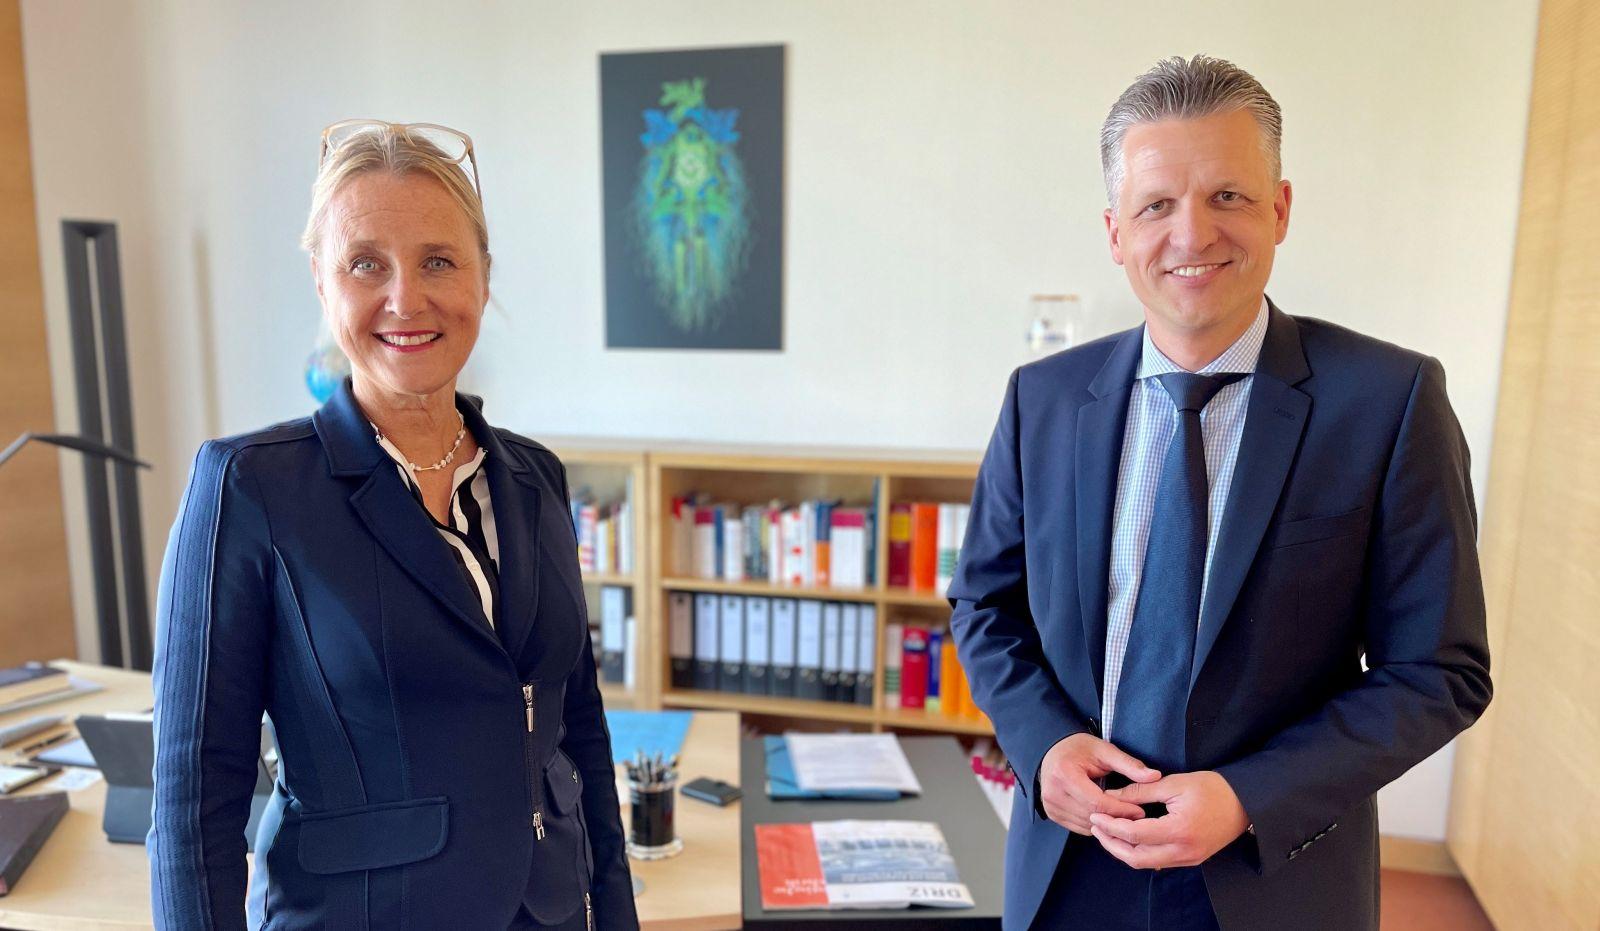 IHK-Präsidentin Birgit Hakenjos zu Besuch und Meinungsaustausch bei Thorsten Frei in Berlin.  Foto: pm